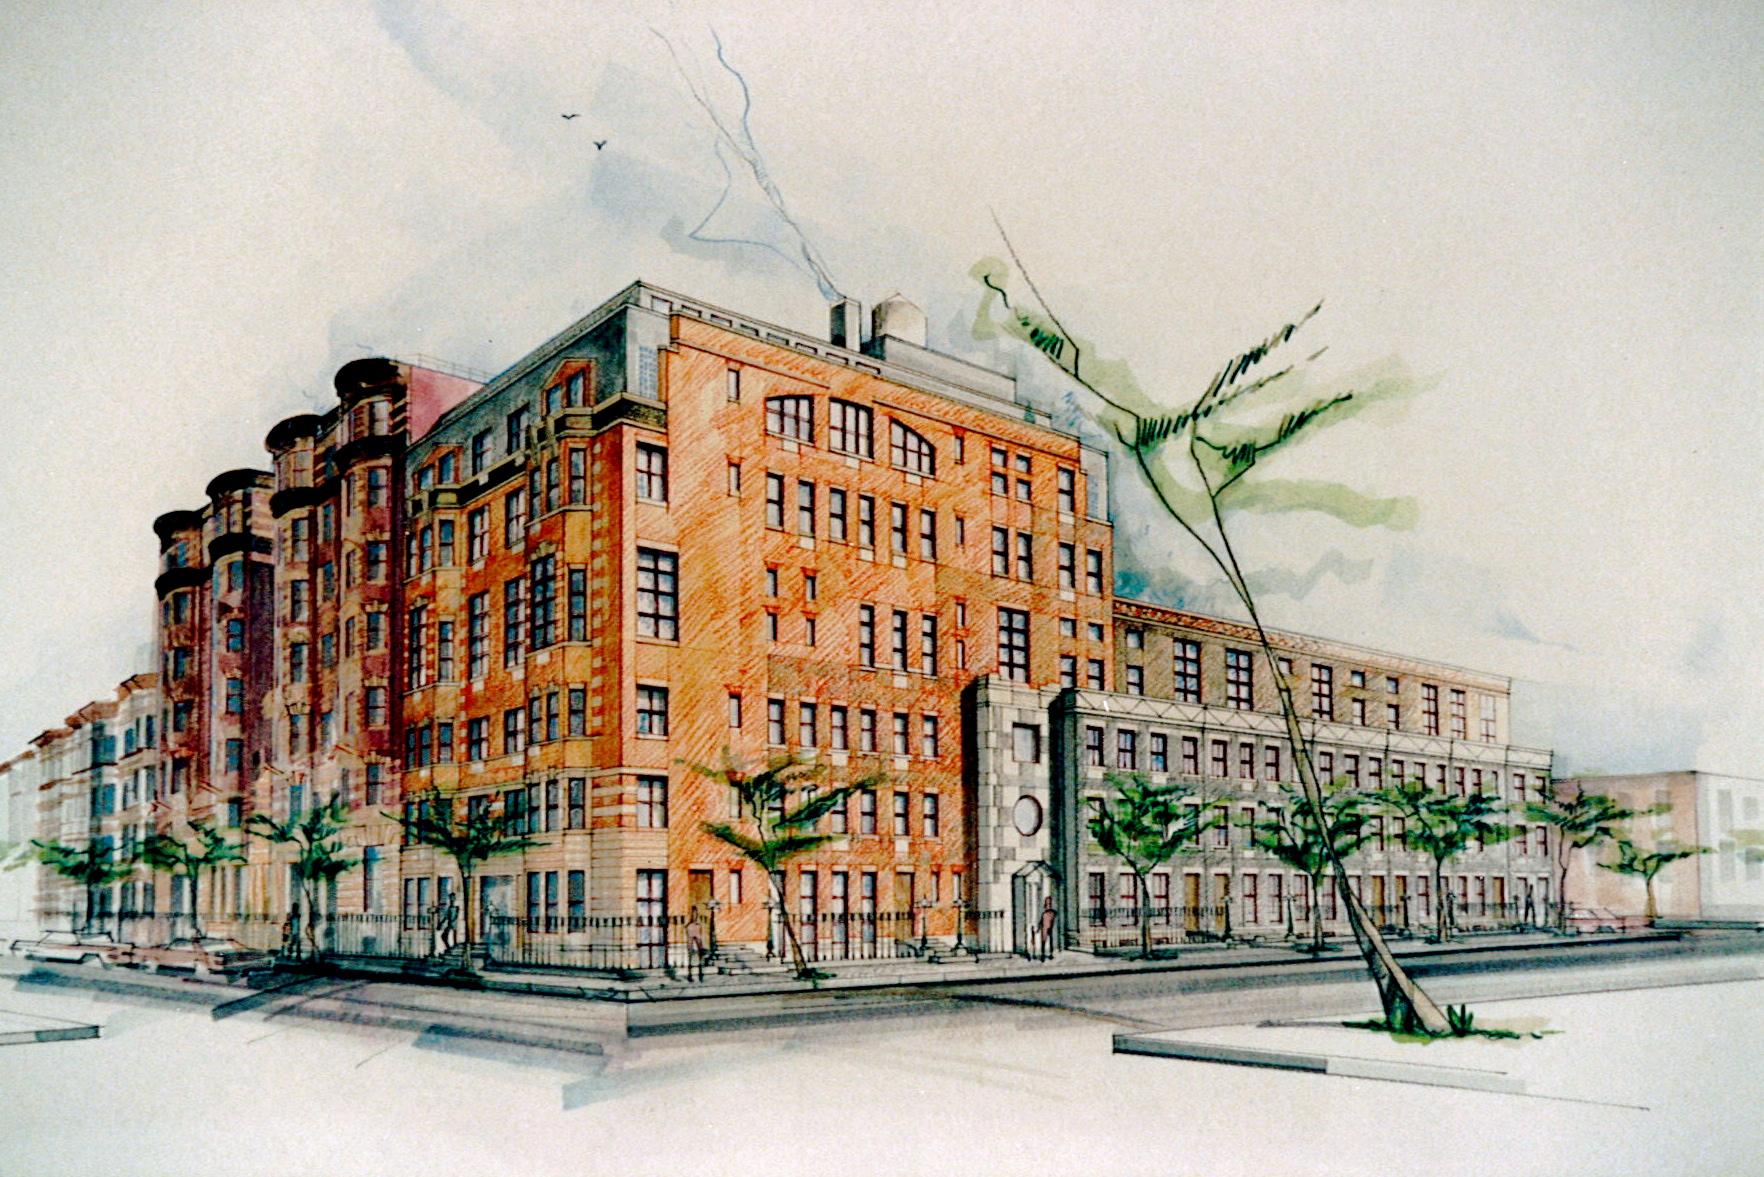 Mixed-use: Brooklyn NY Development